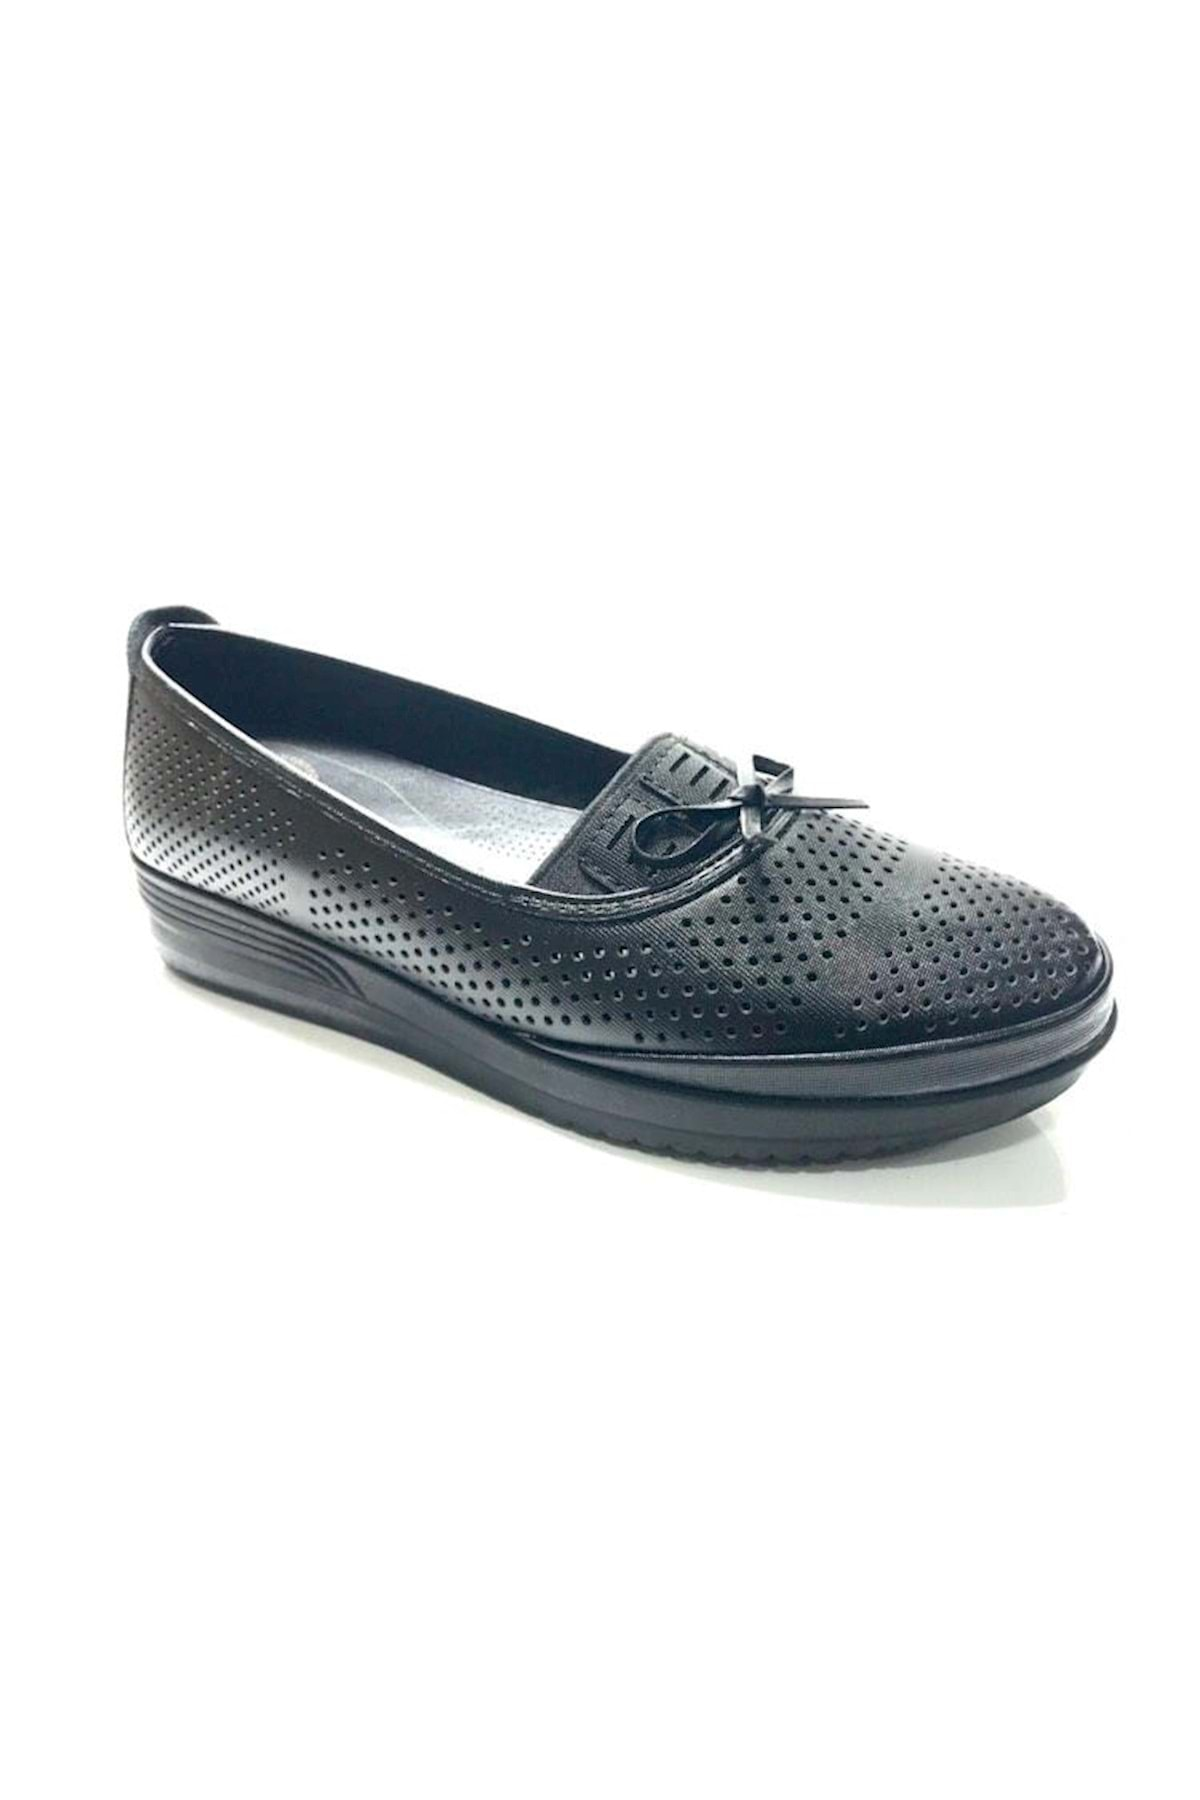 Wanetti Kadın Siyah Ayakkabı